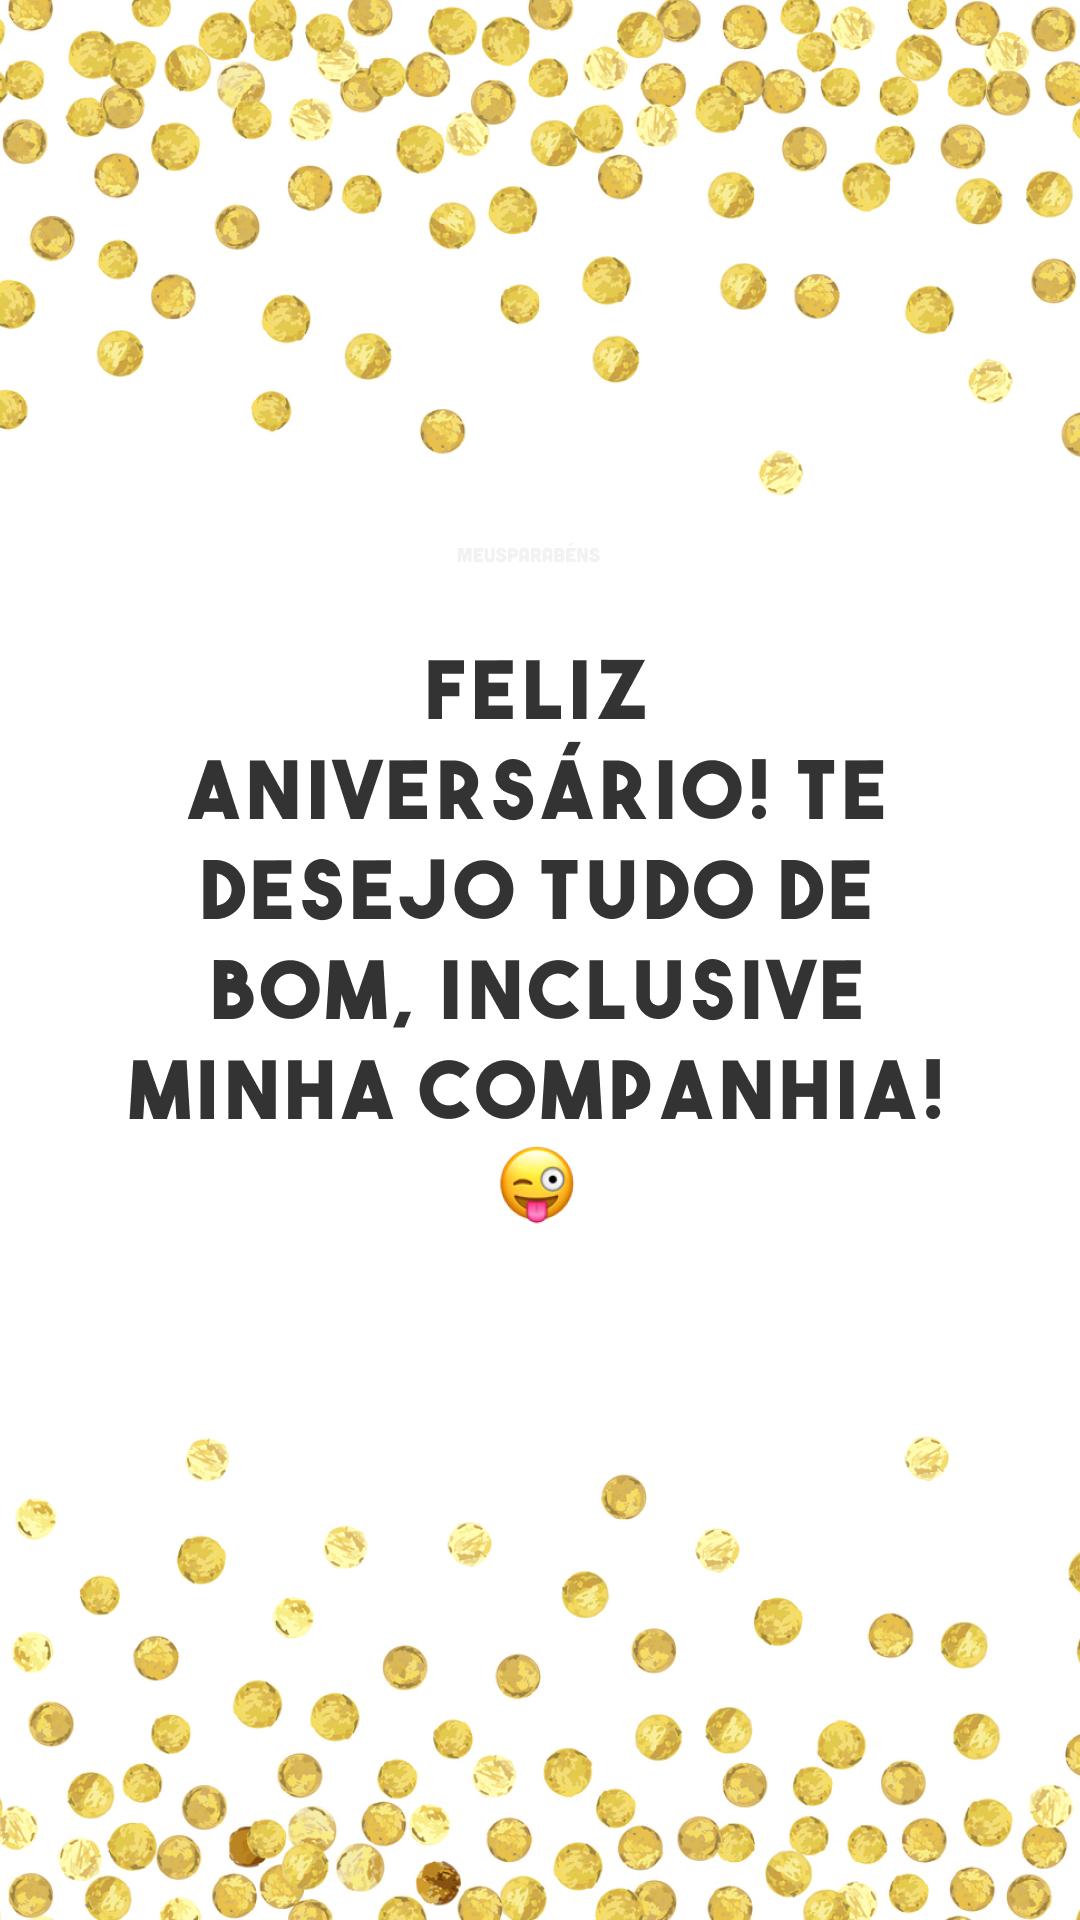 Feliz aniversário! Te desejo tudo de bom, inclusive minha companhia! 😜